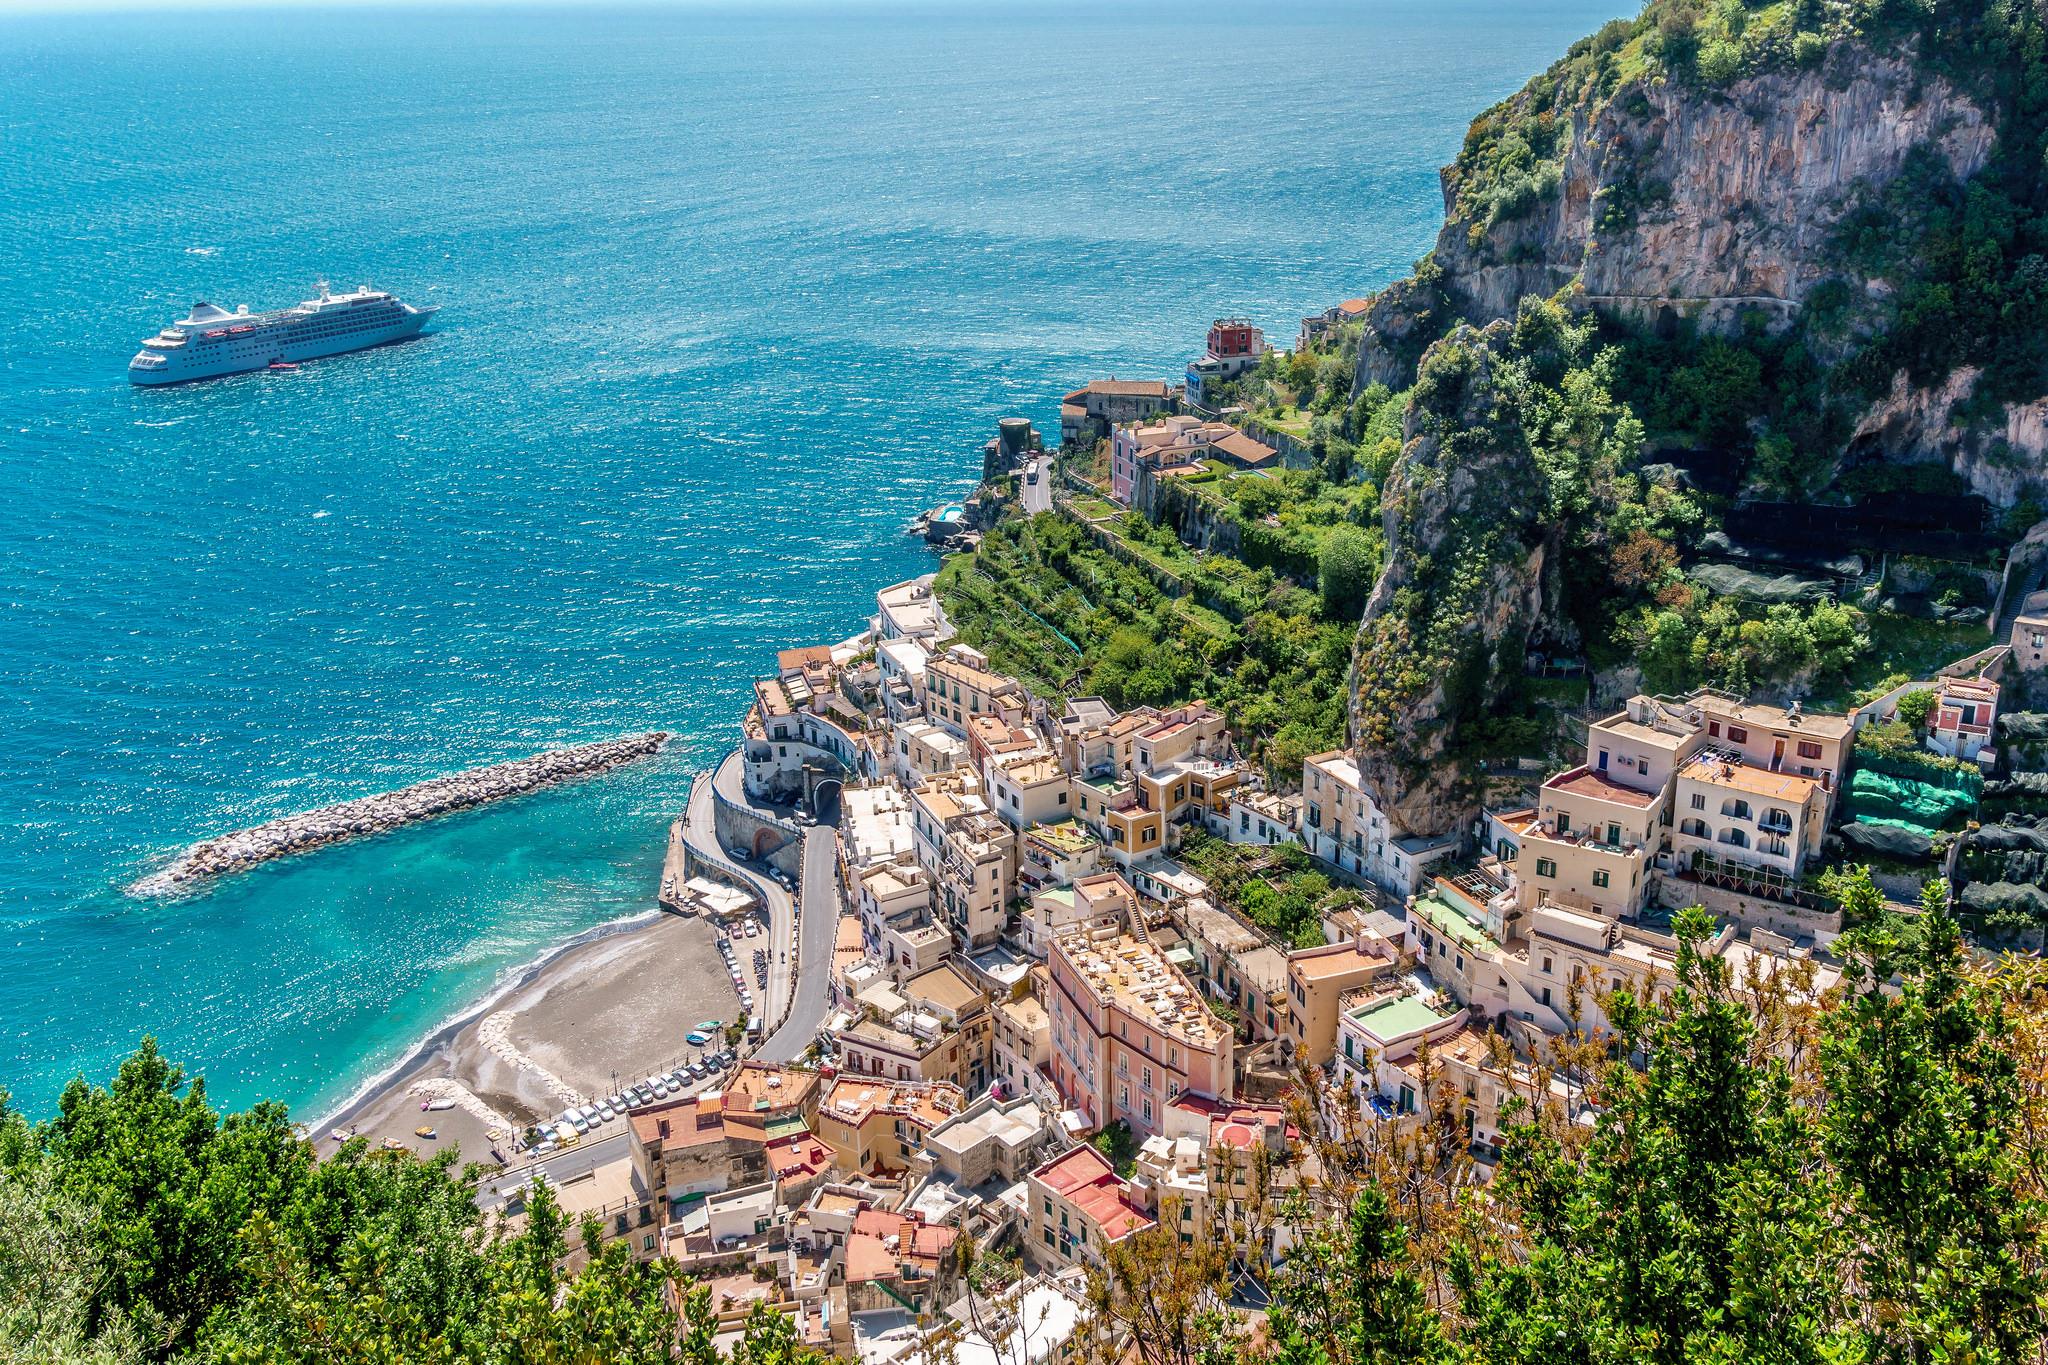 Atrani, Amalfi Coast (Southern Italy), Italy